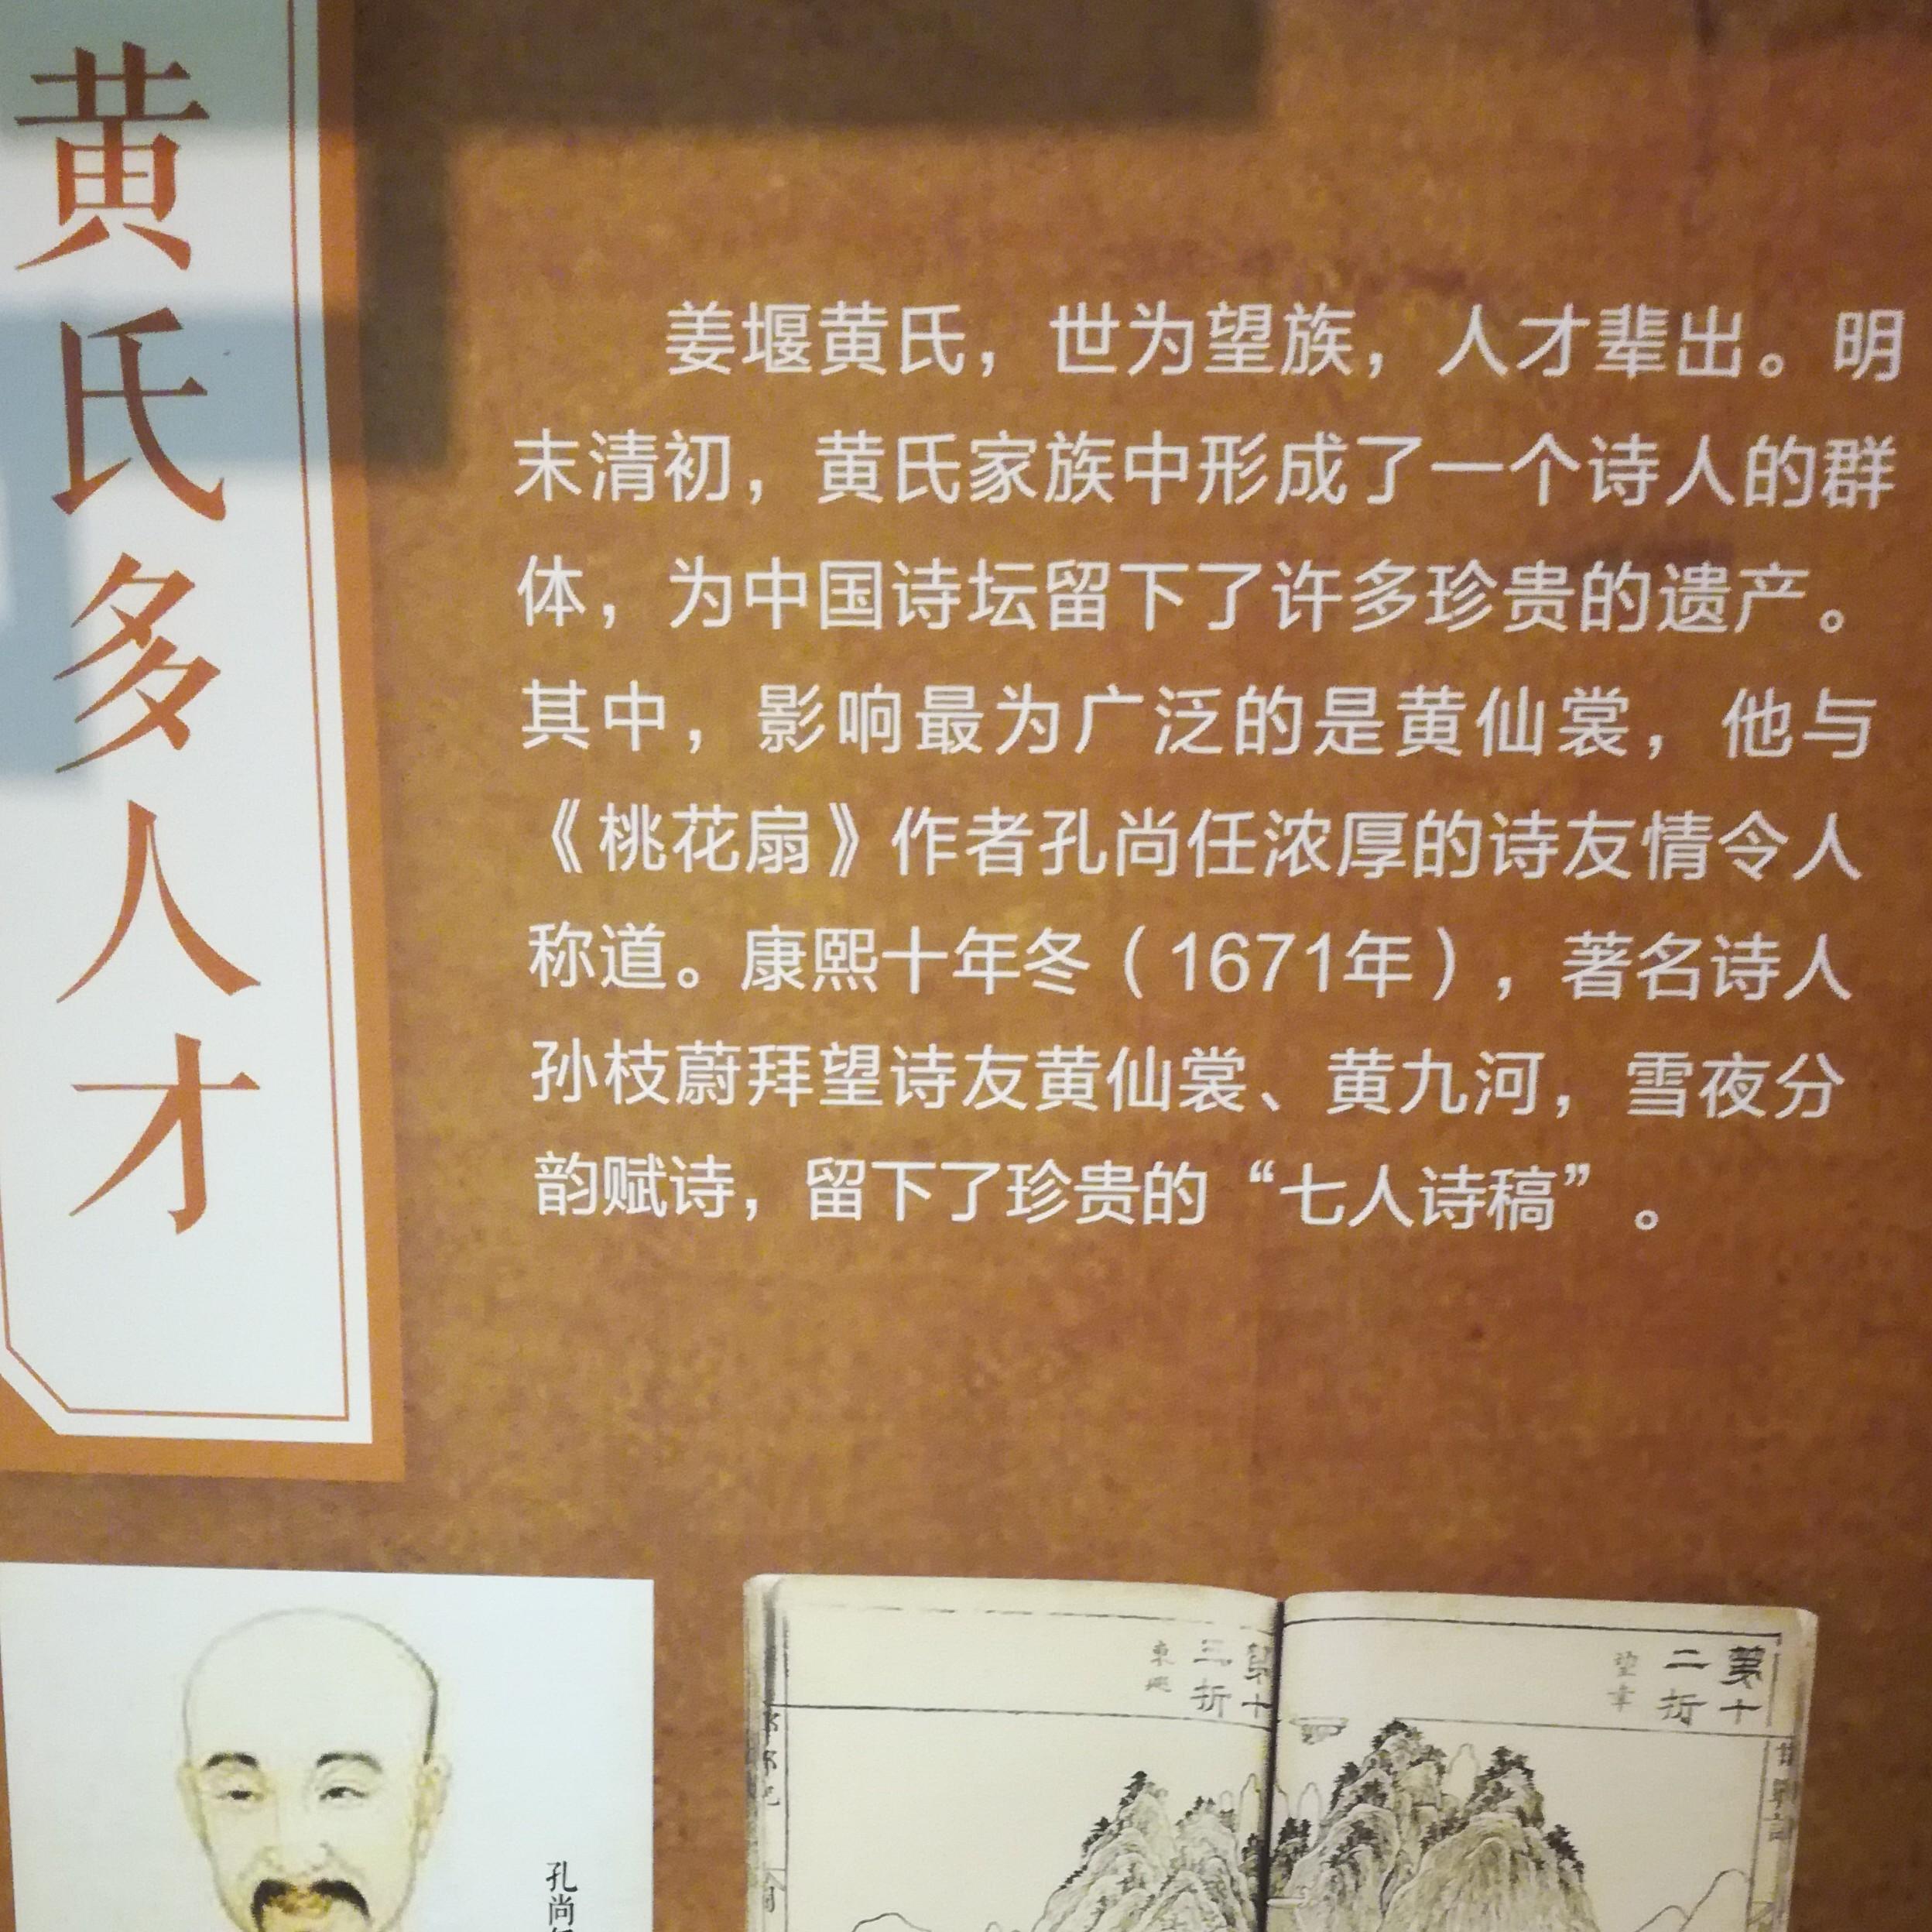 扬州大学江都高端装备工程技术研究院常务副院长黄庆华照片